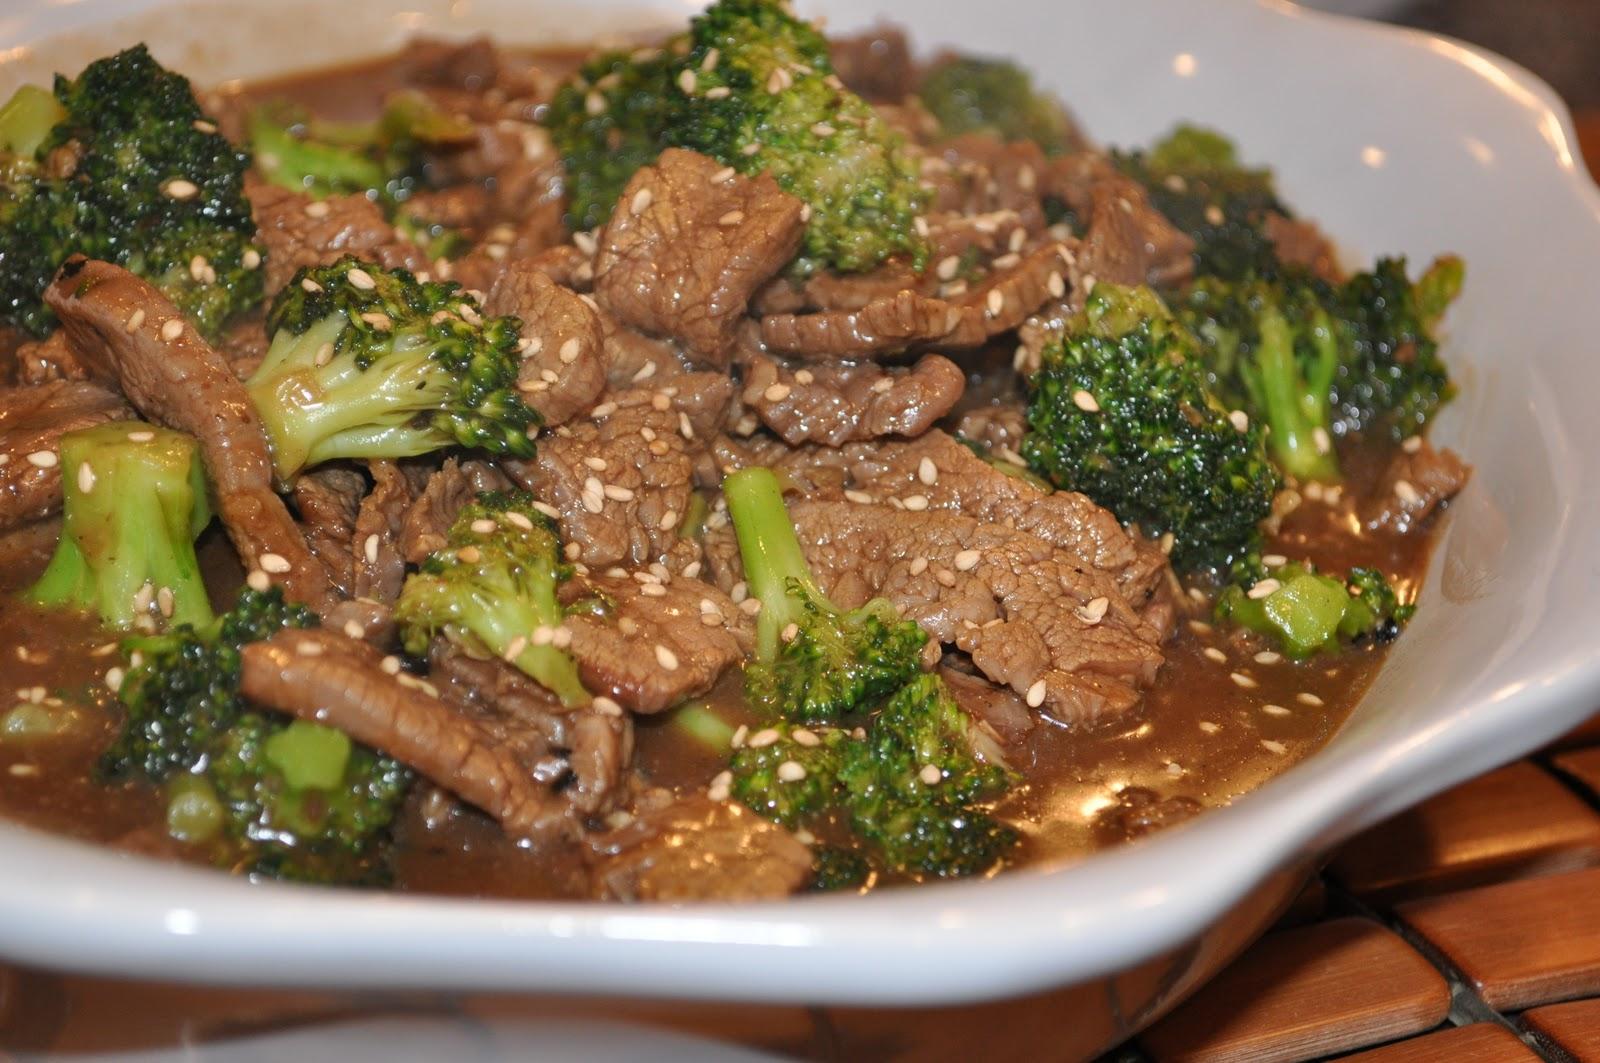 Beef+%26+Broccoli+054.jpg